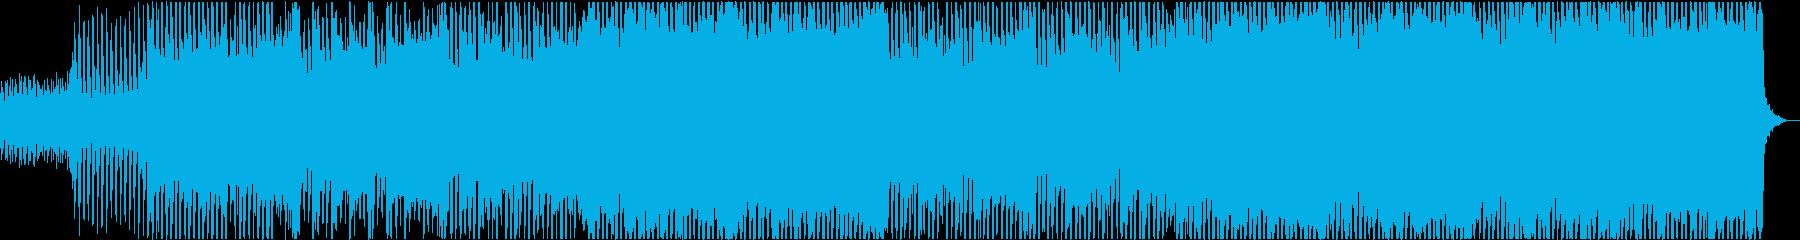 前向きな4つ打ちストリングス・メロ無しの再生済みの波形